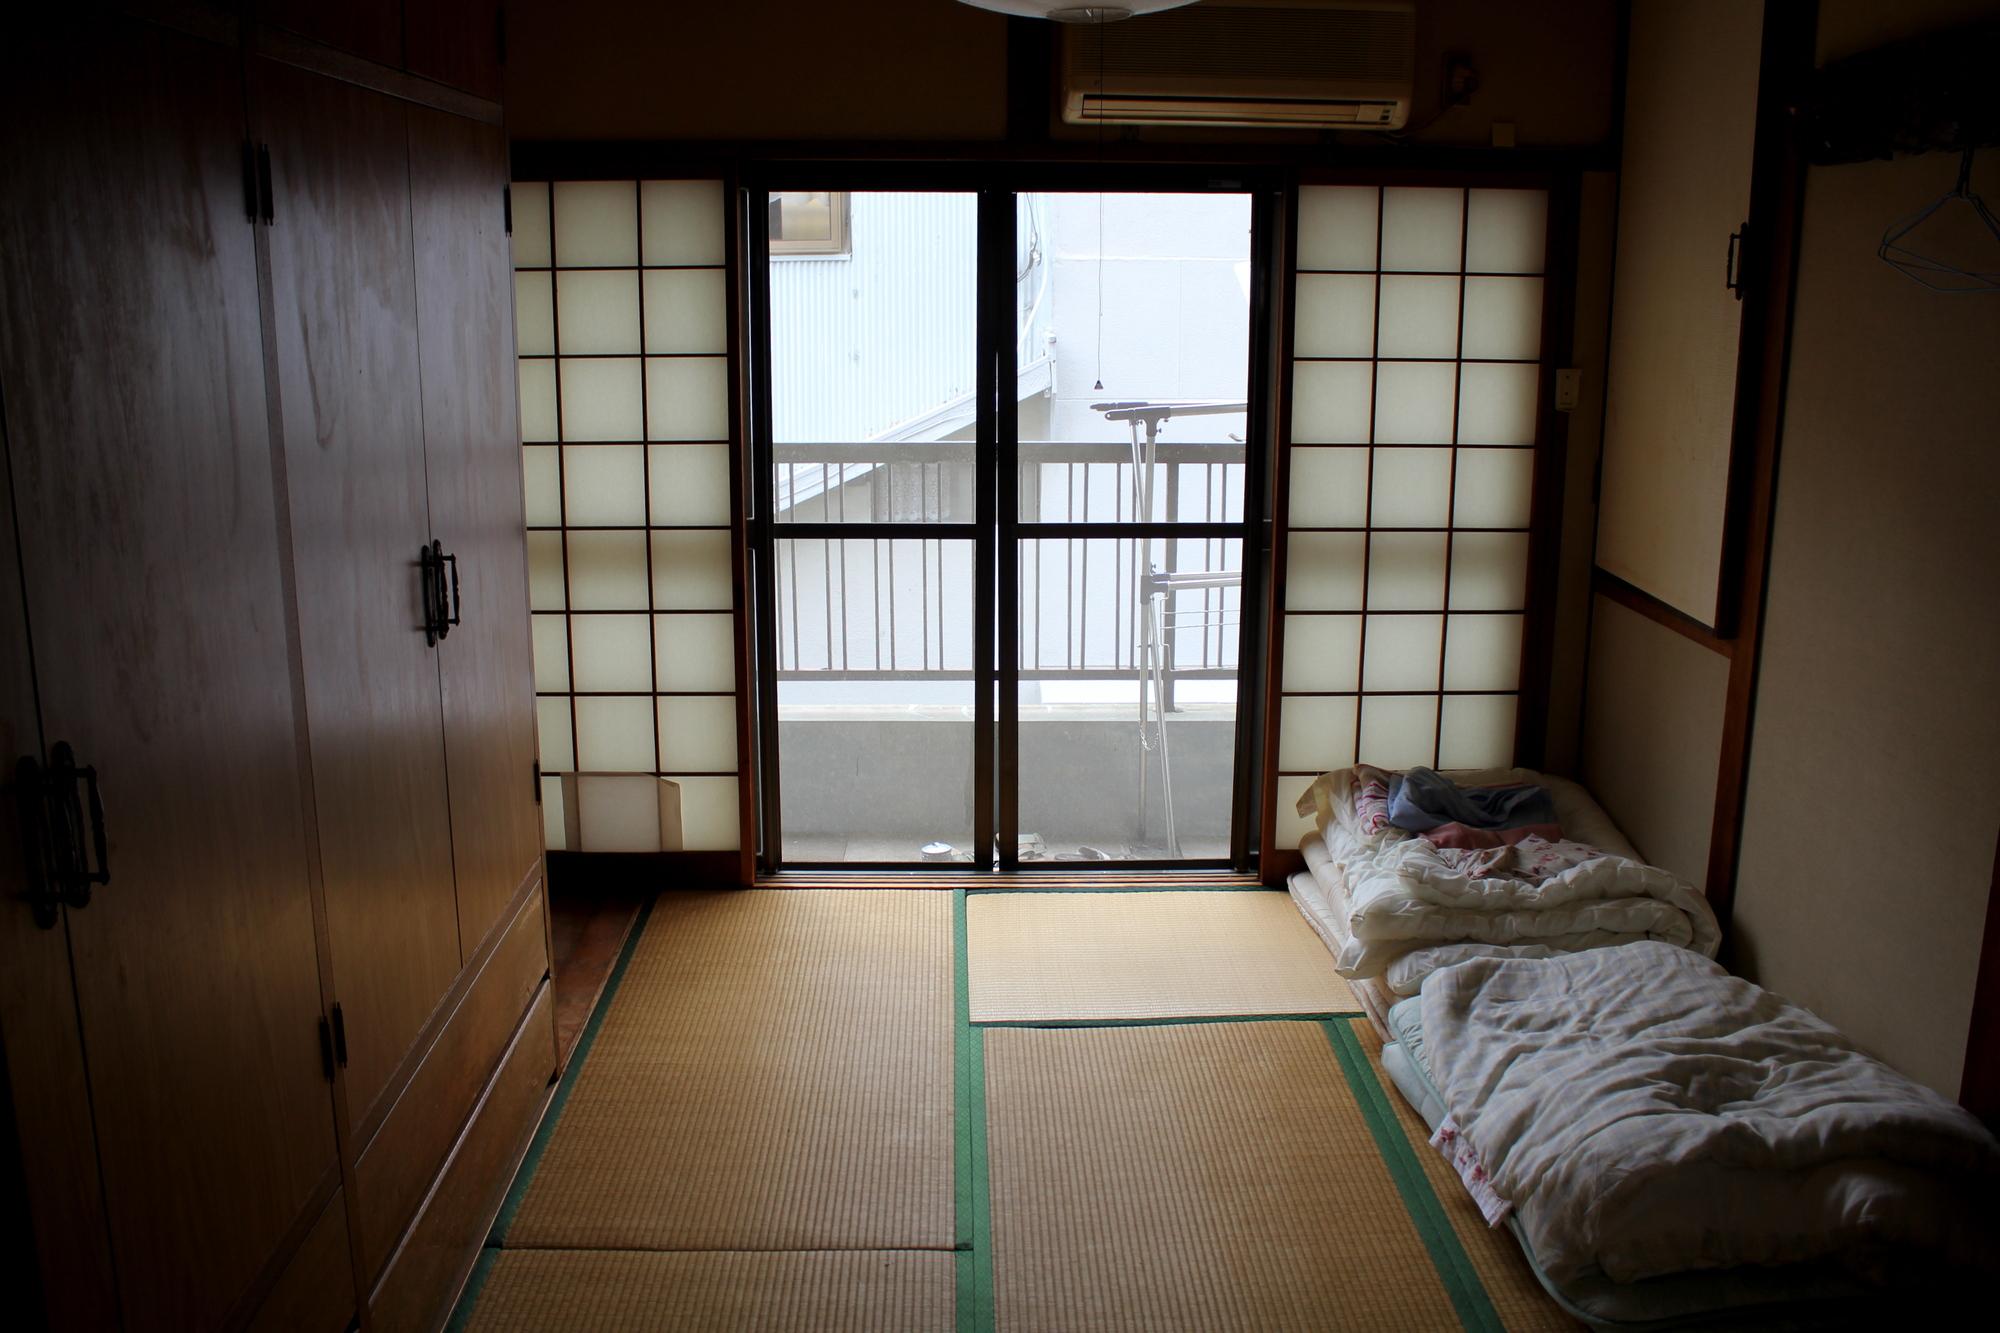 遺品整理を行う実家の寝室の写真